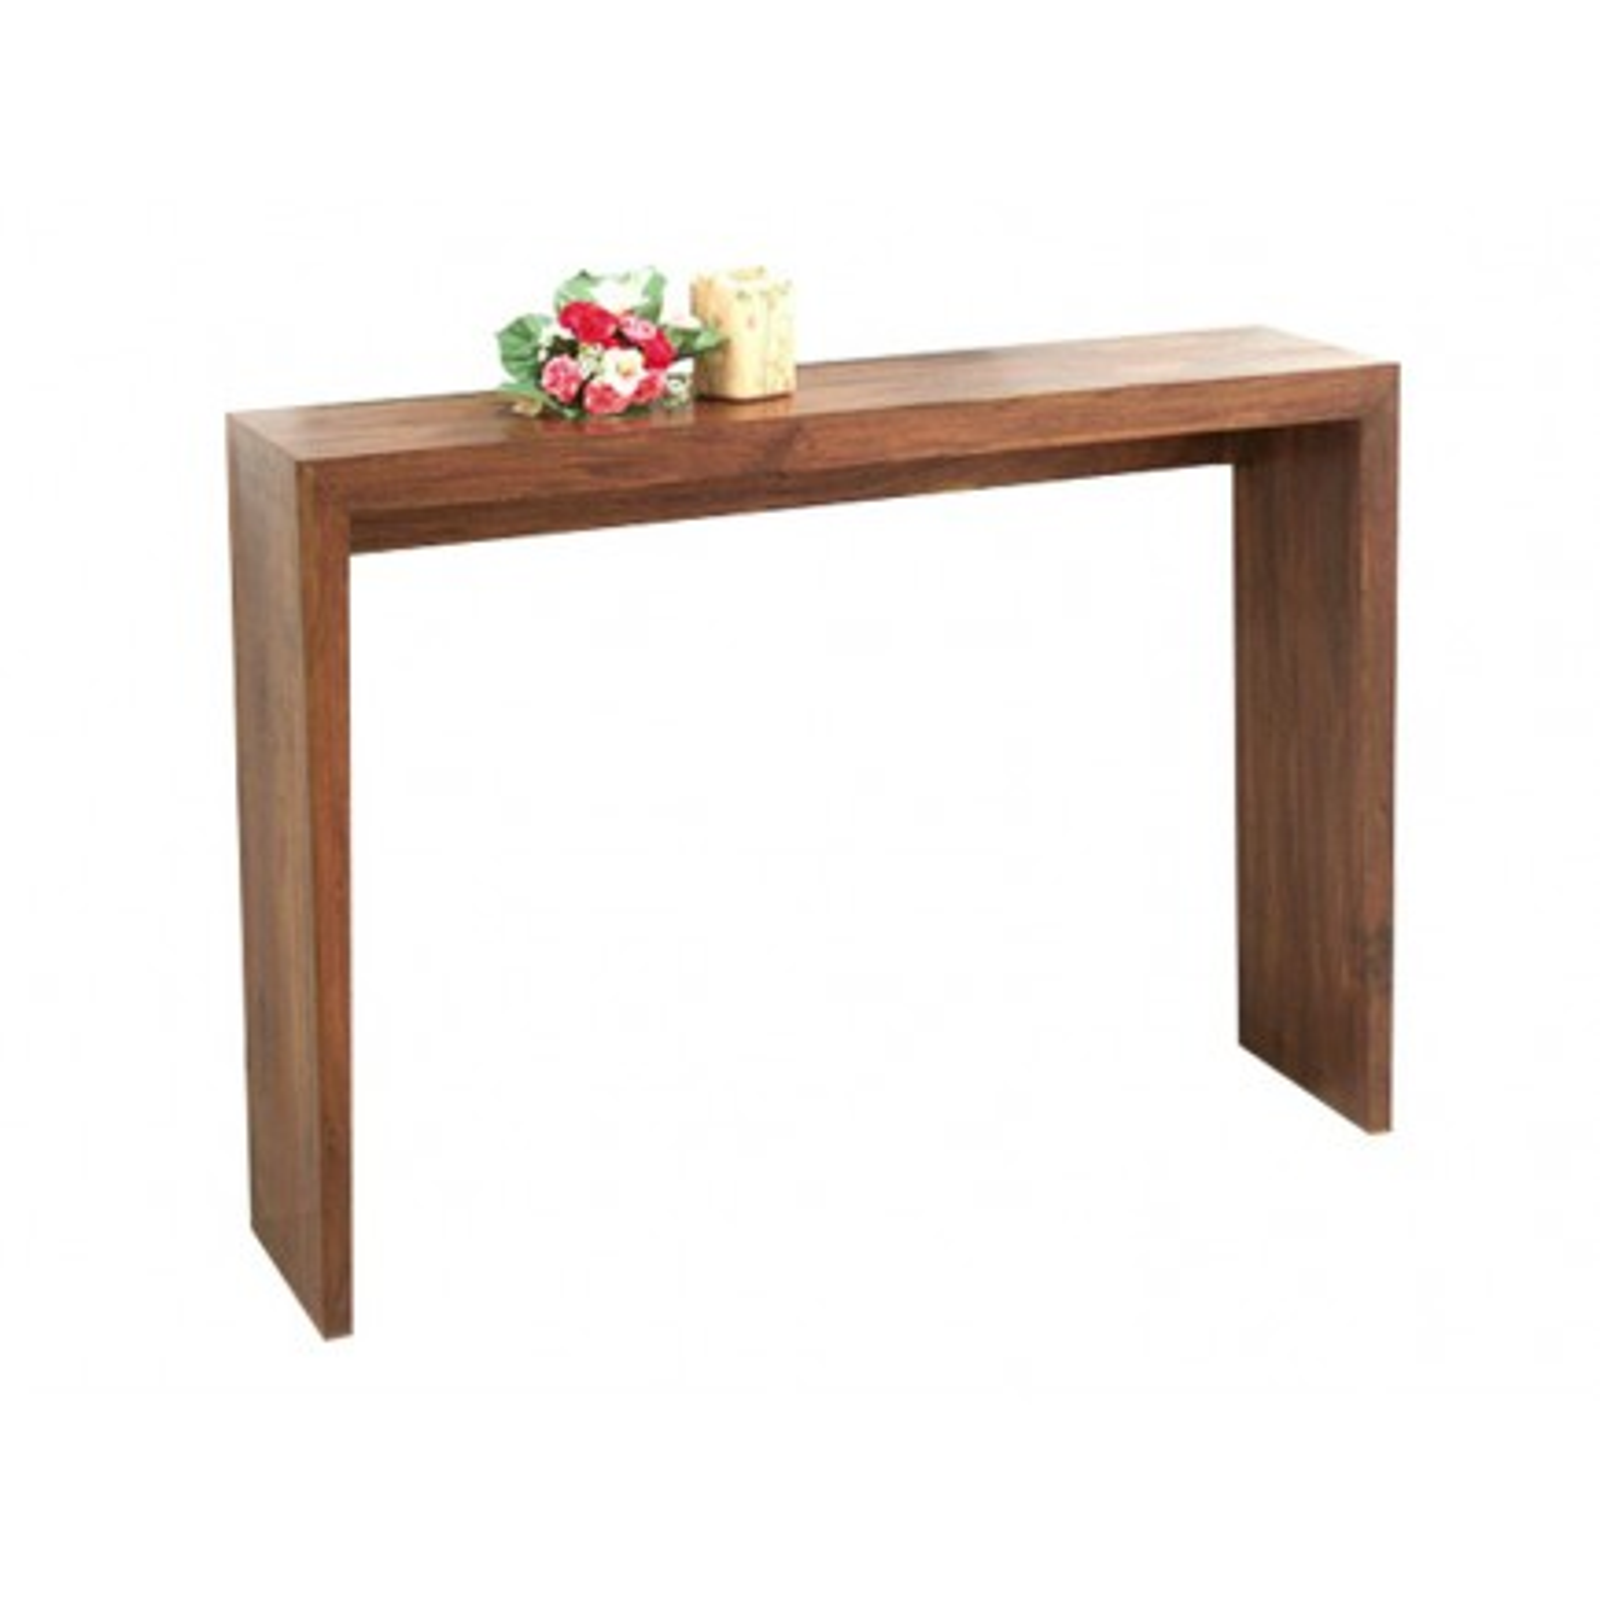 Console Angulaire Zen Palissandre - meubles bois exotique